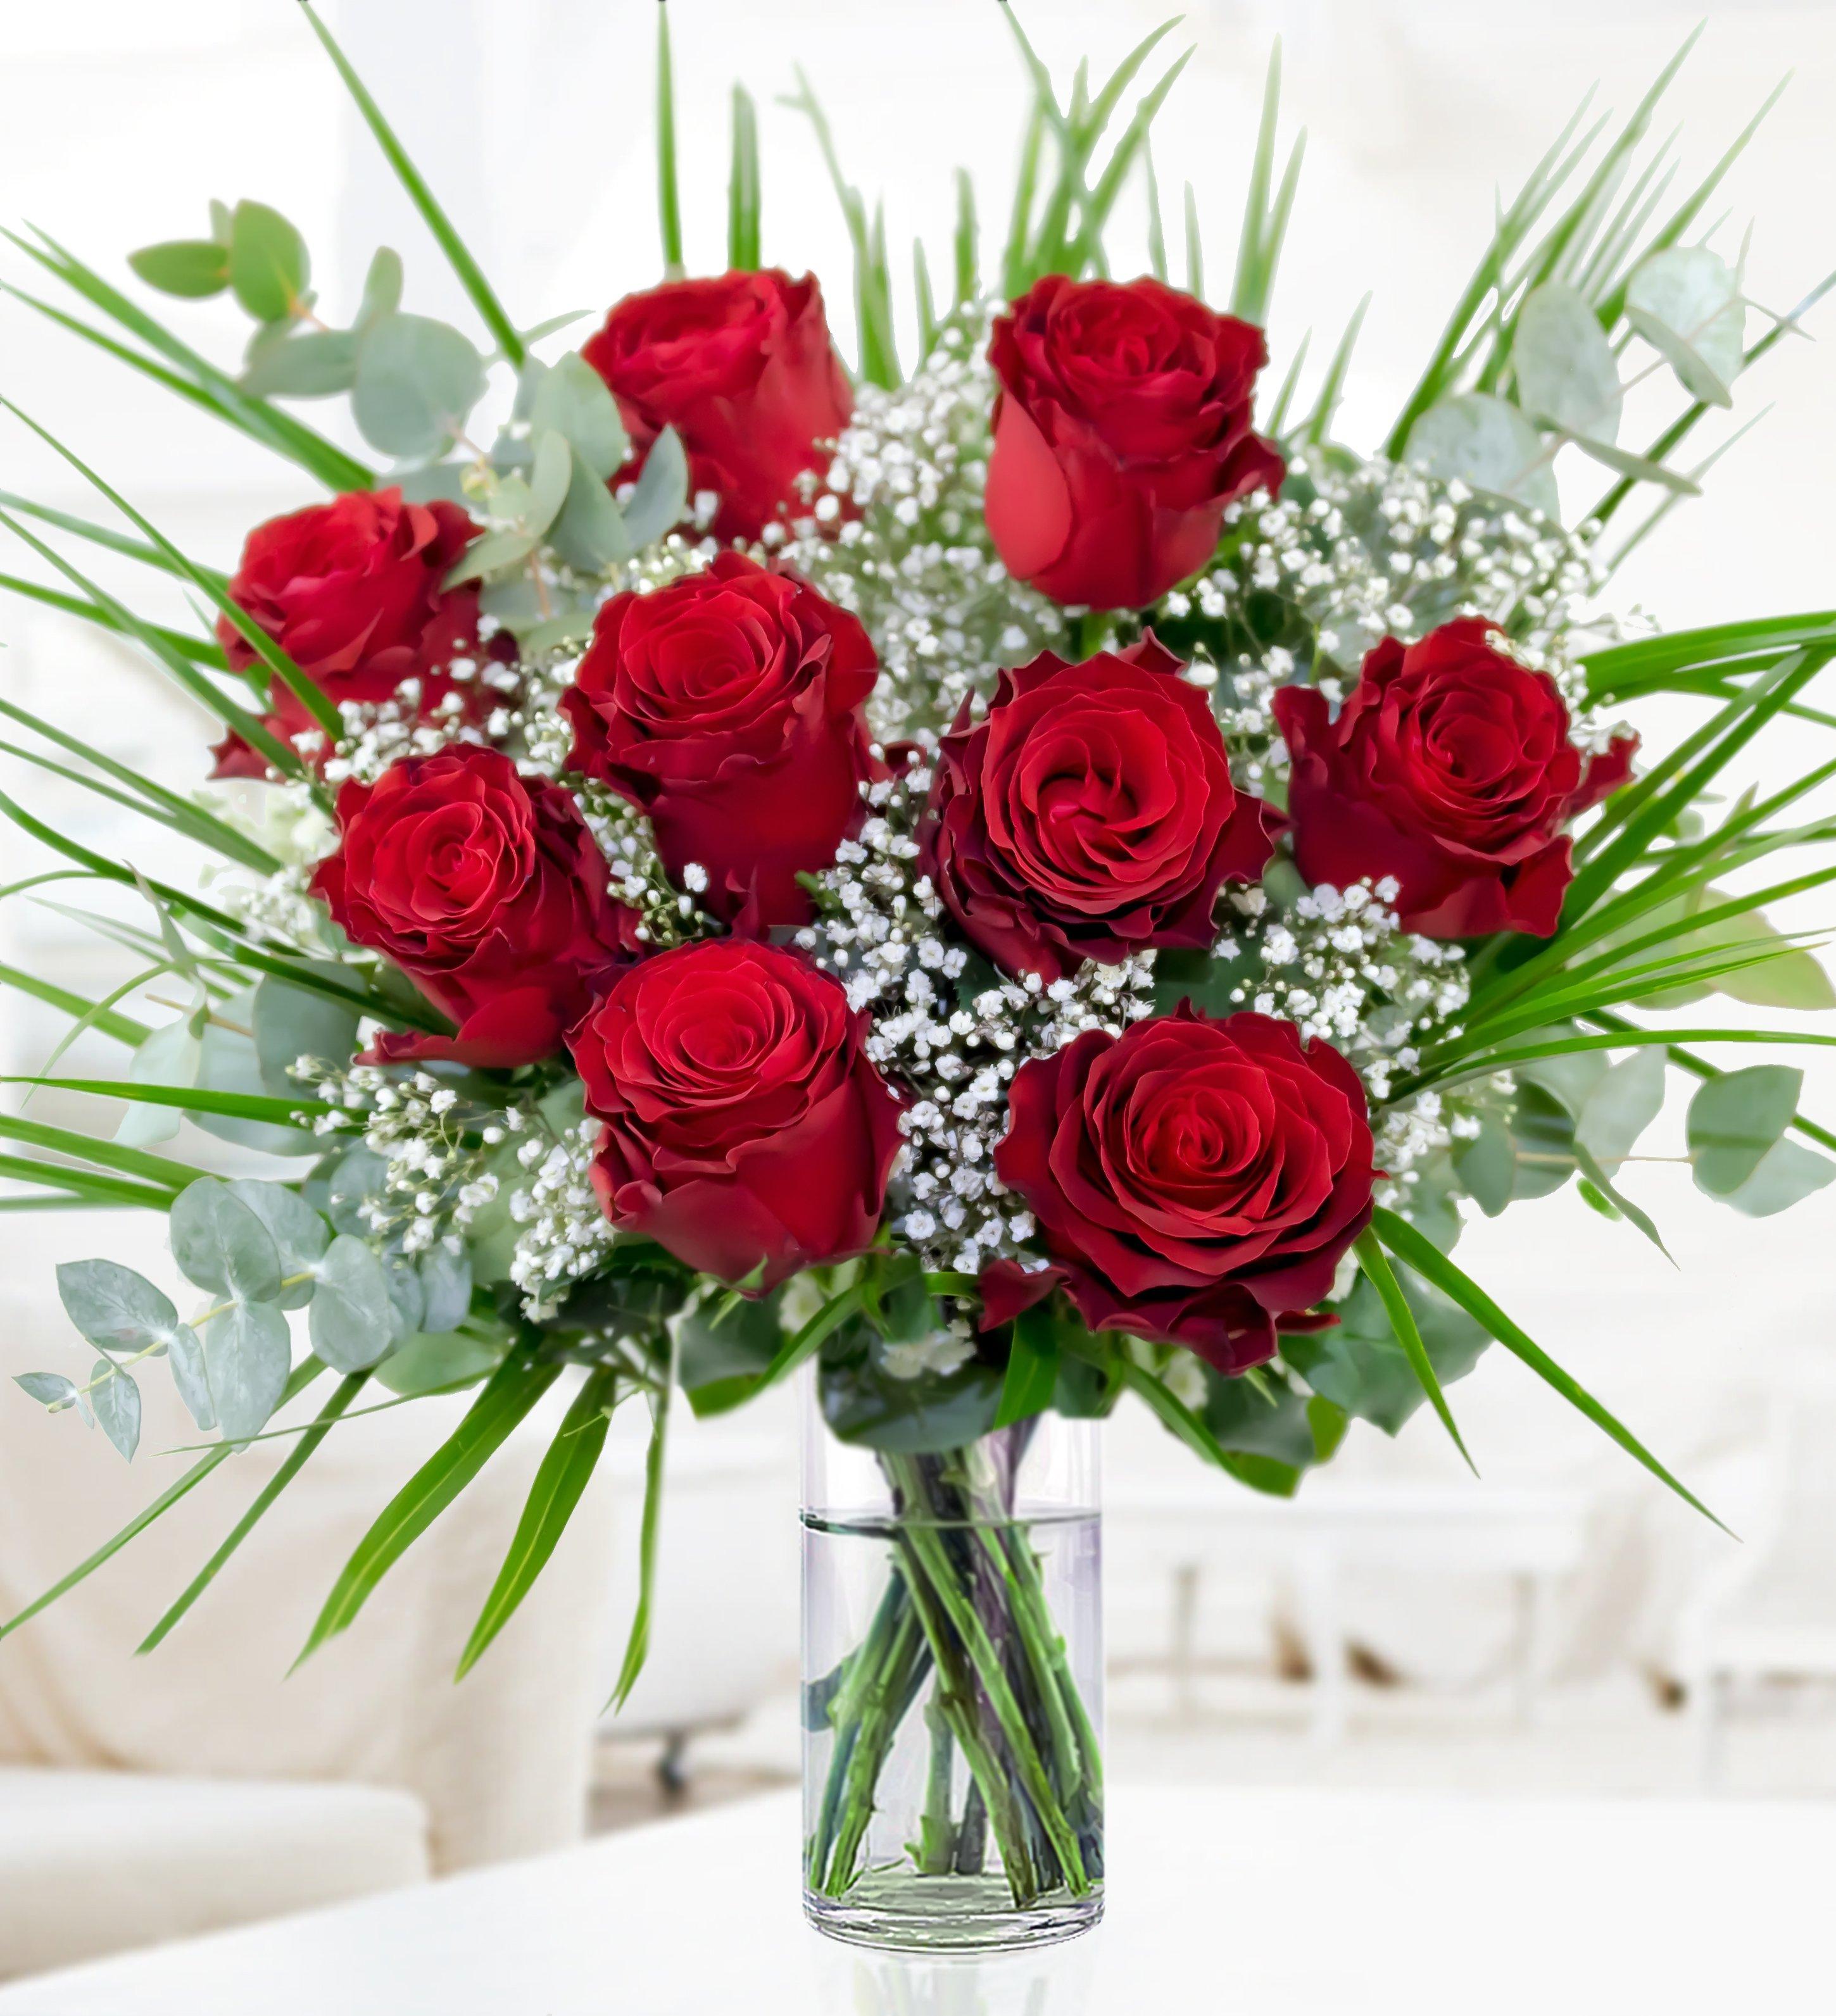 Bildresultat för valentines day flowers